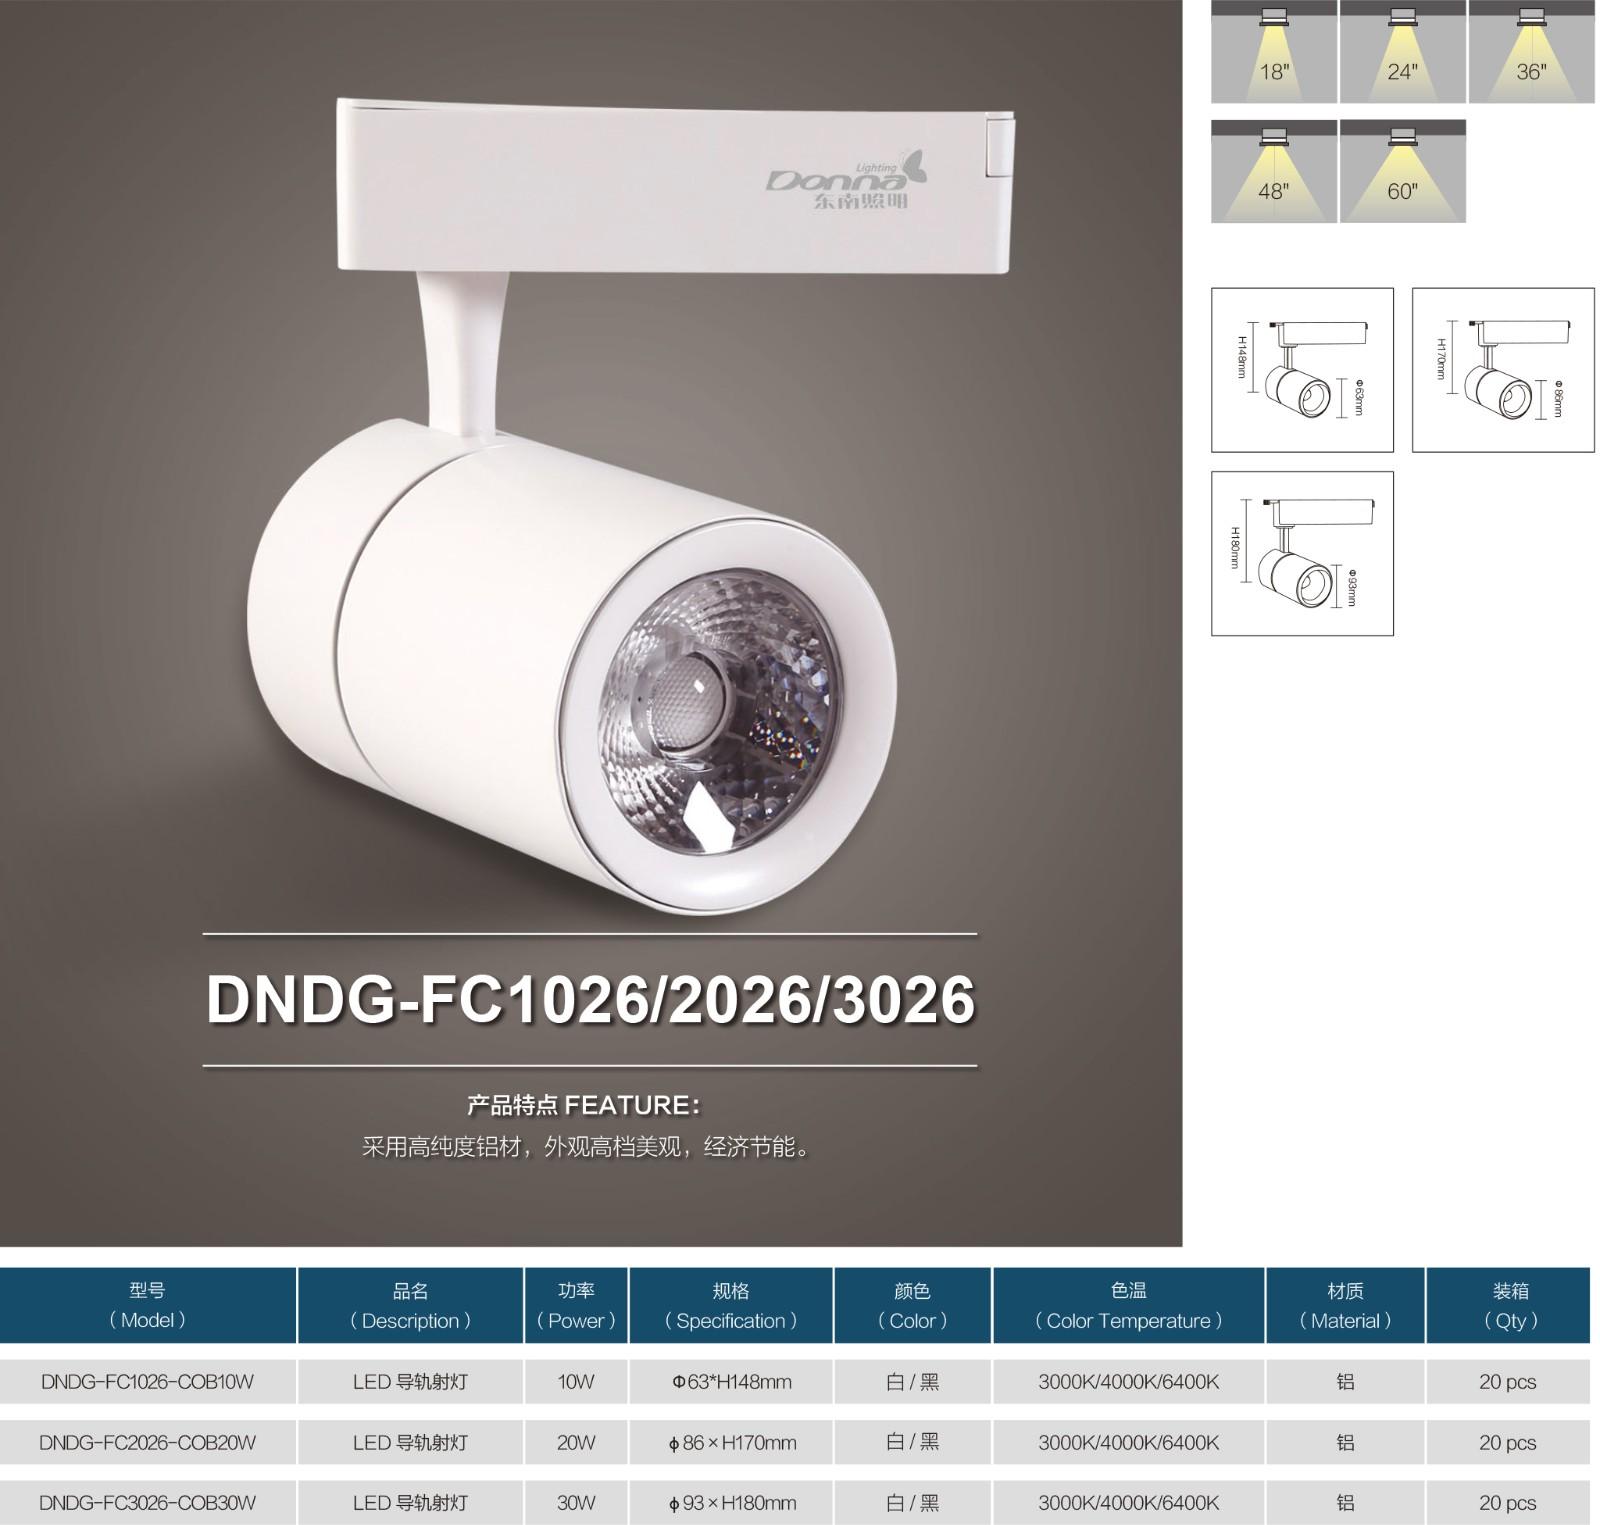 DNDG-FC102620263026-0.jpg